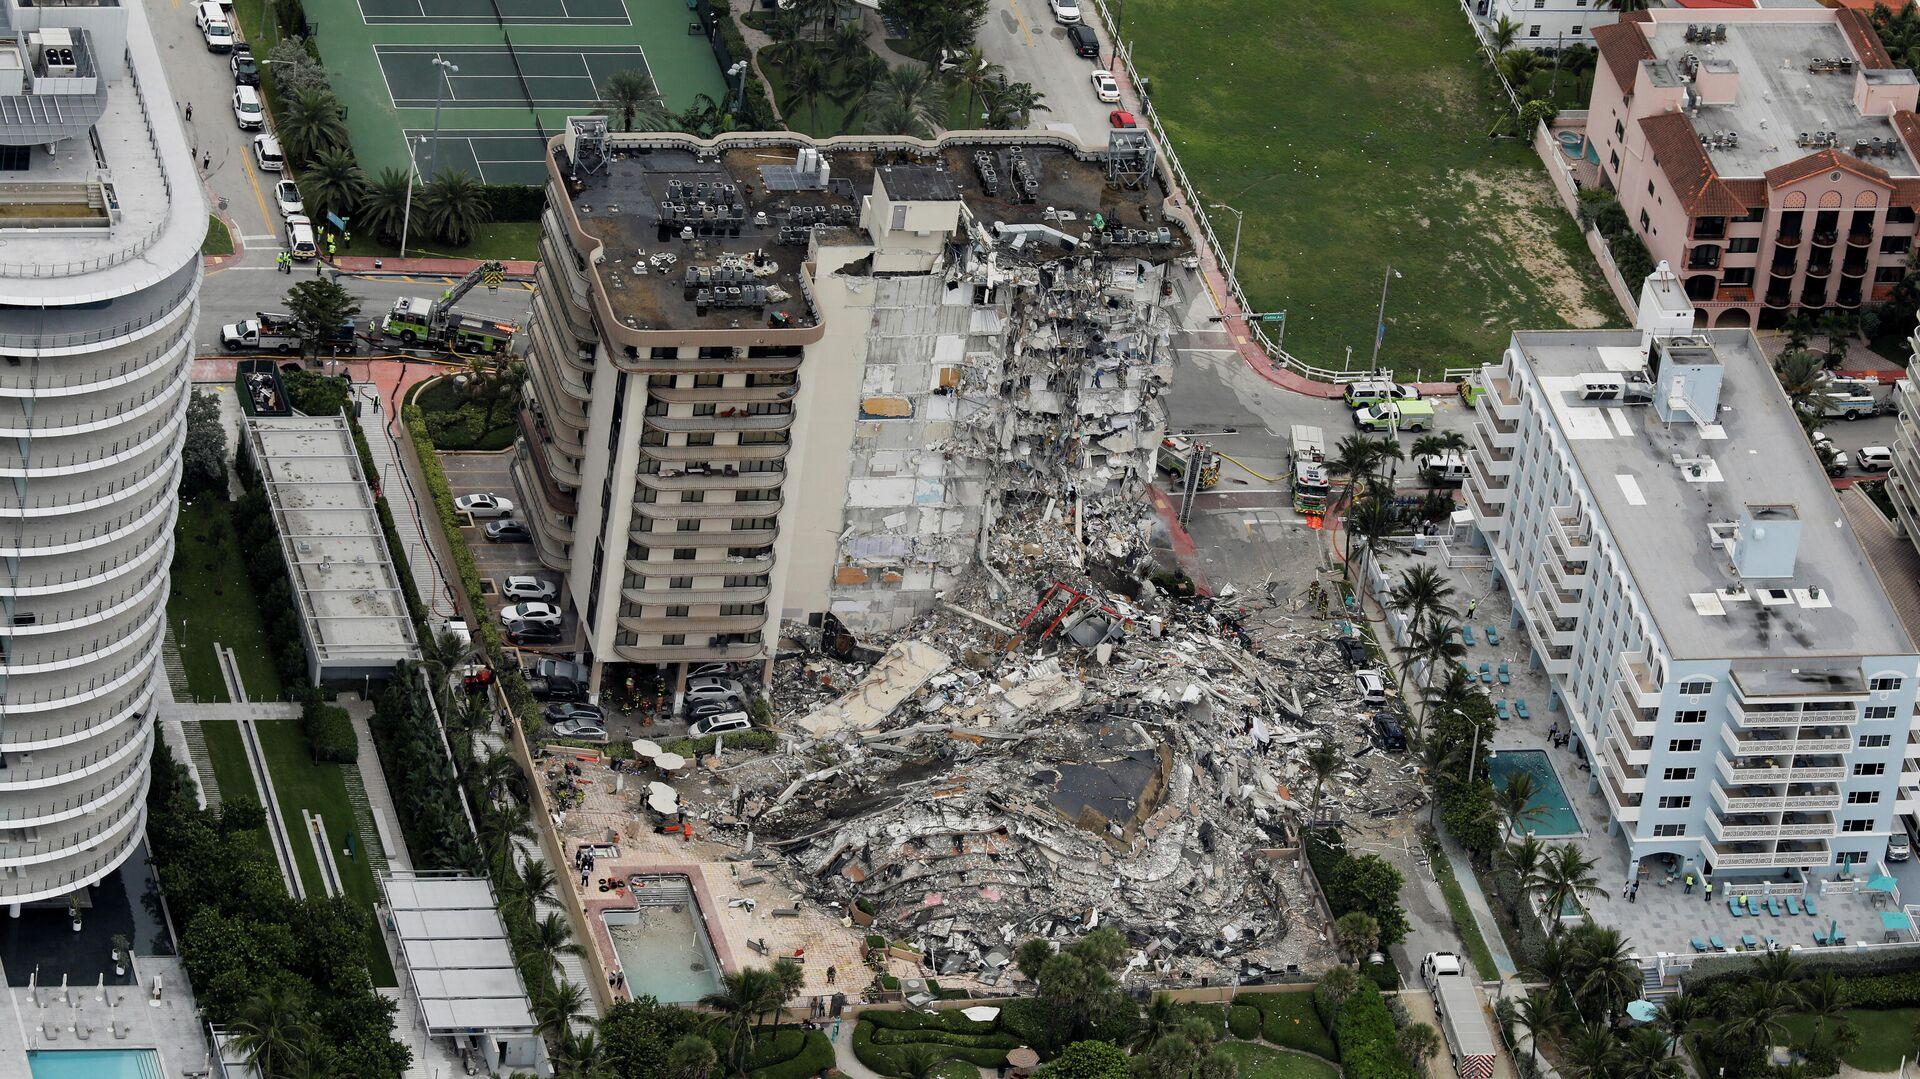 Обрушение многоэтажного здания в Майами, штат Флорида - РИА Новости, 1920, 25.06.2021